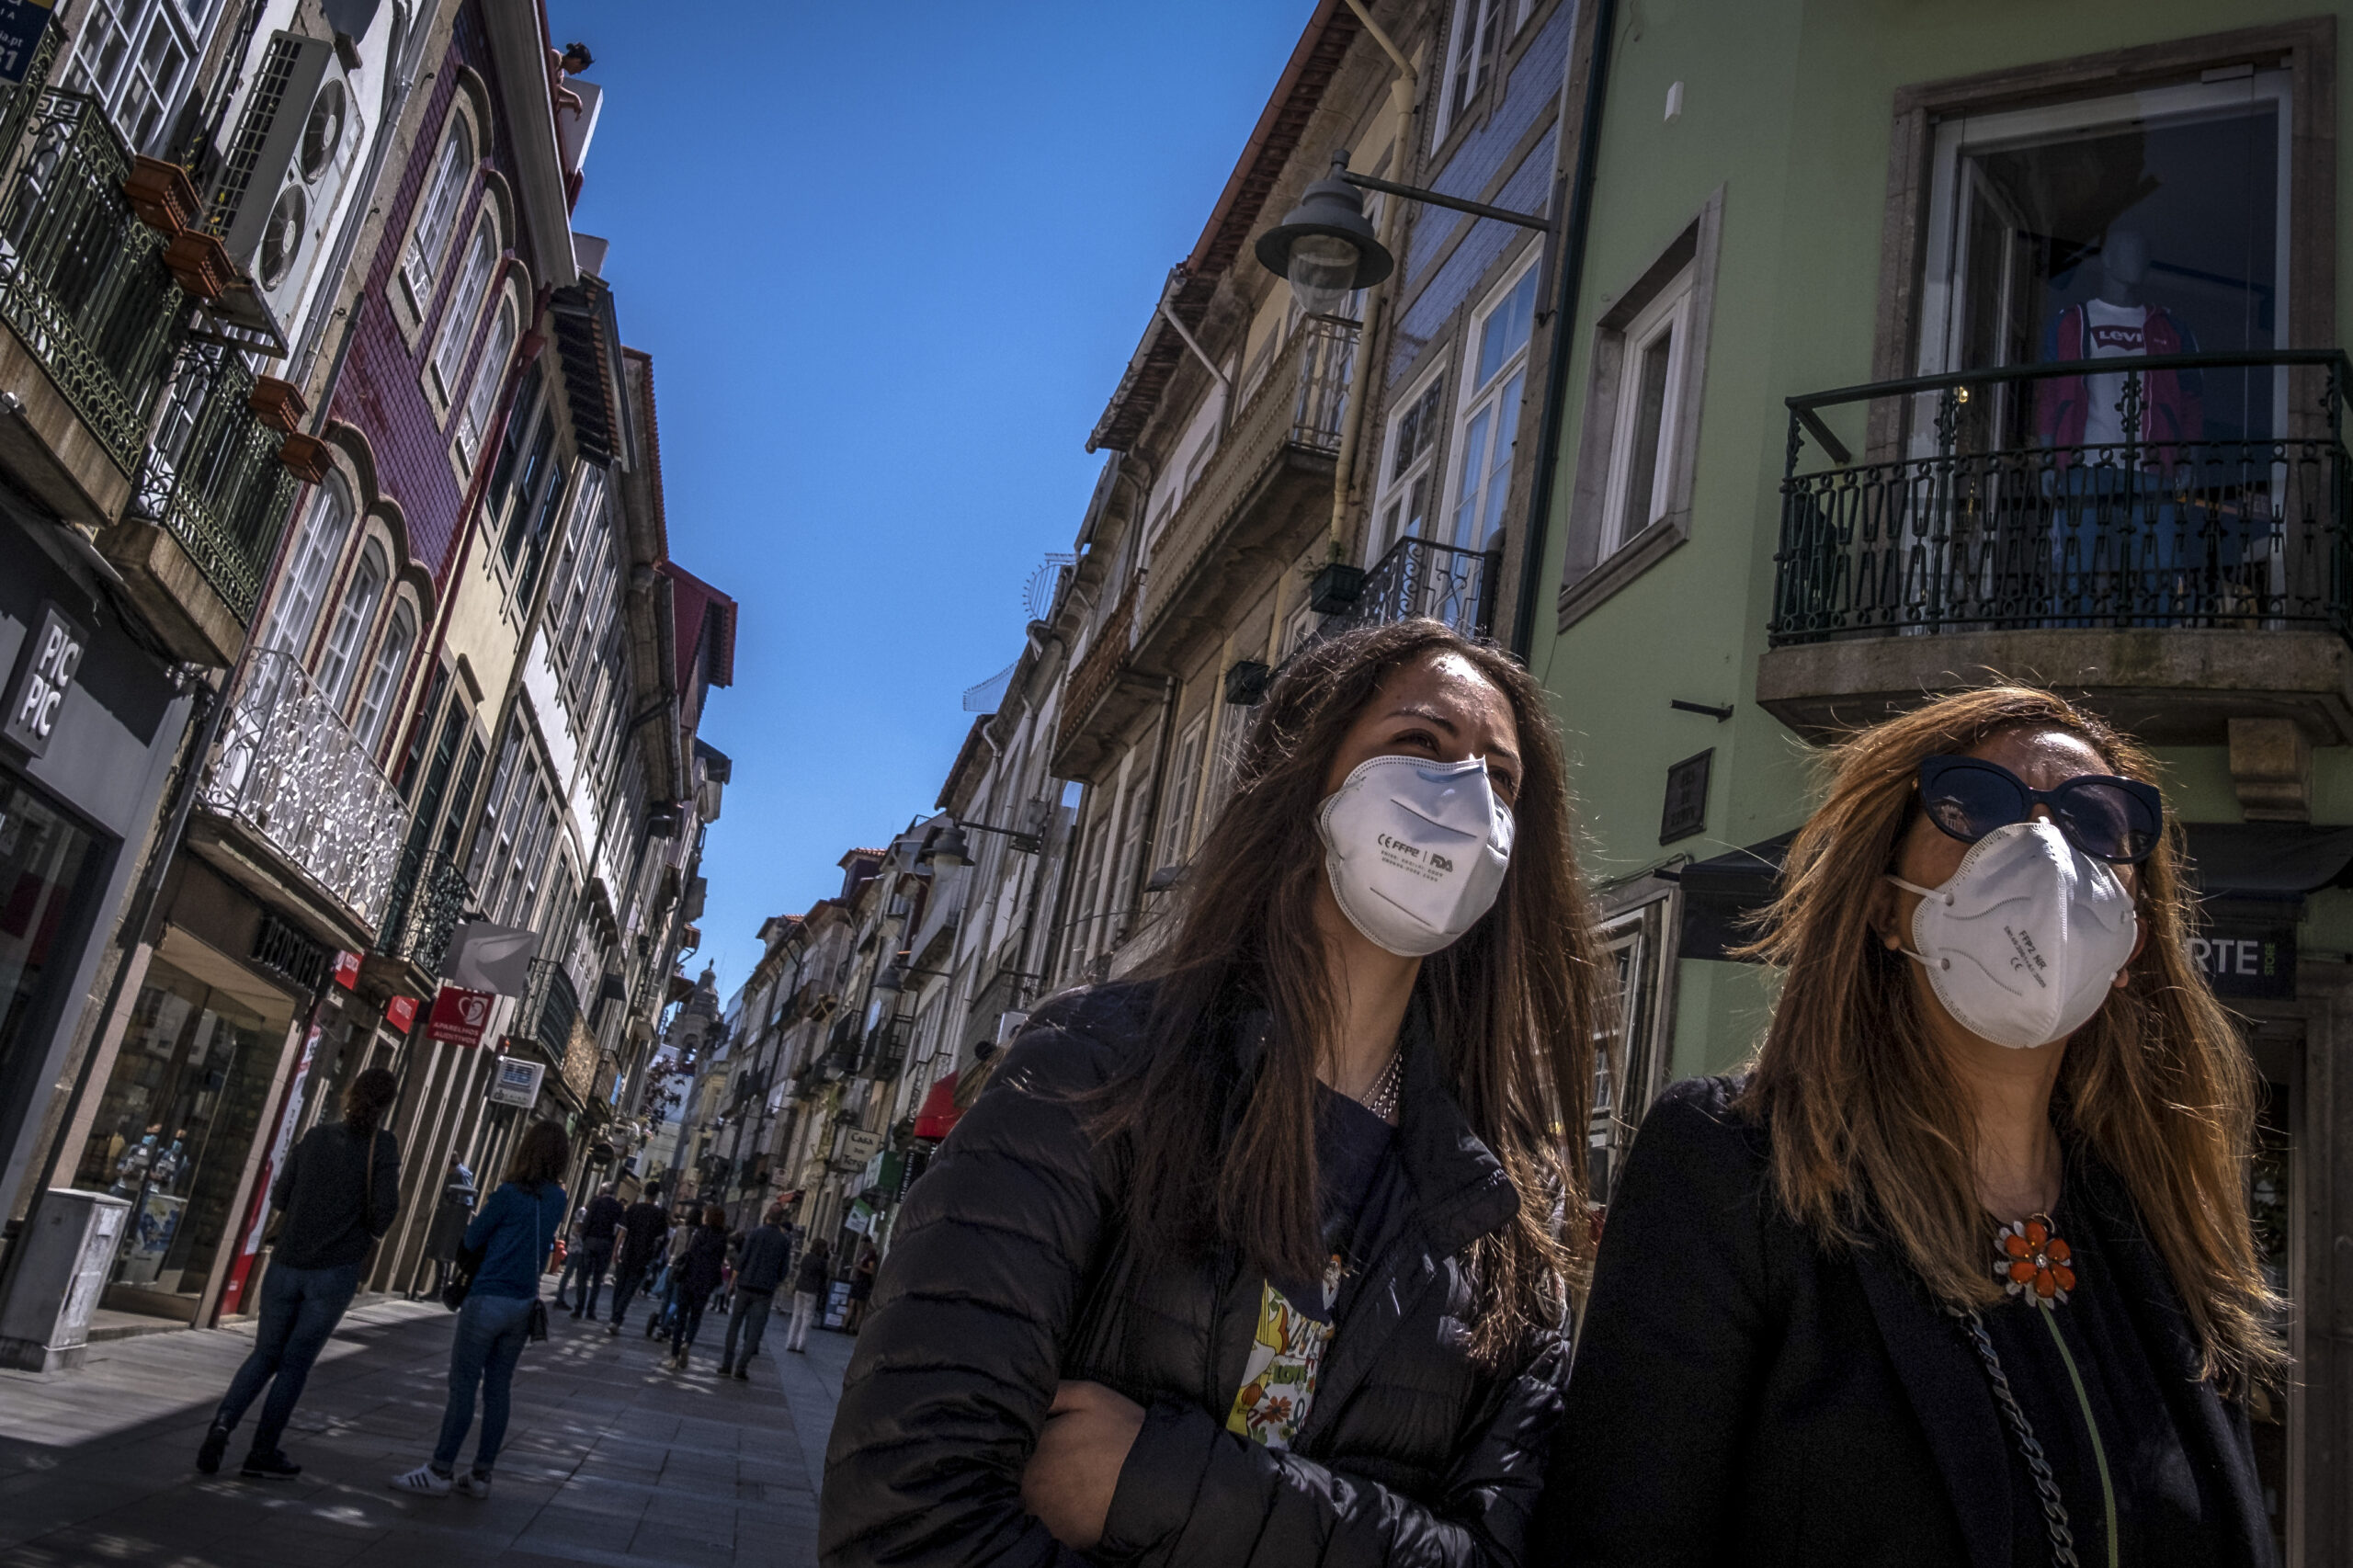 Minho ultrapassa 5.000 mil casos de covid-19. Guimarães soma mais 142 novas infecções